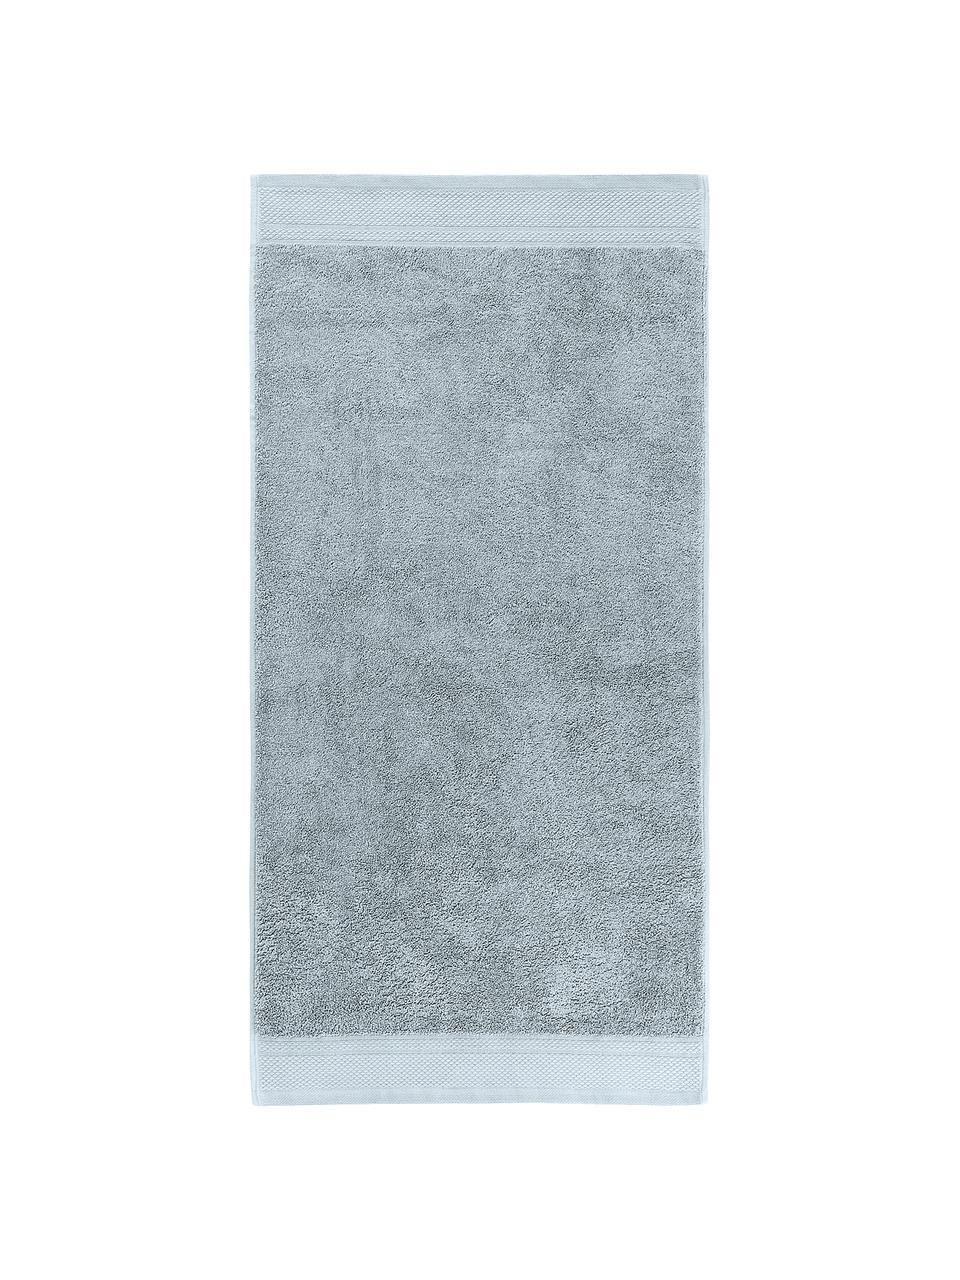 Handtuch-Set Premium mit klassischer Zierbordüre, 3-tlg., Hellblau, Set mit verschiedenen Größen